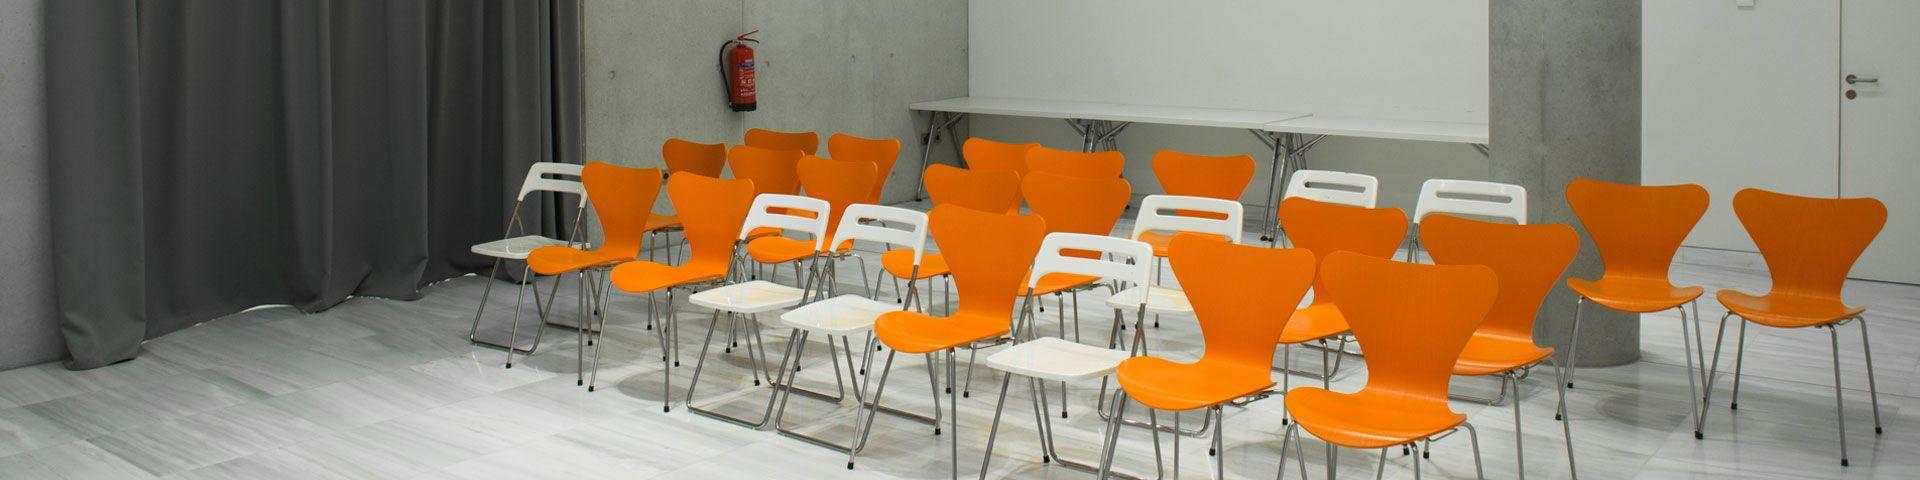 Ενοικιάσεις Χώρων: Αίθουσα Πολλαπλών Χρήσεων 1 - Εικόνα